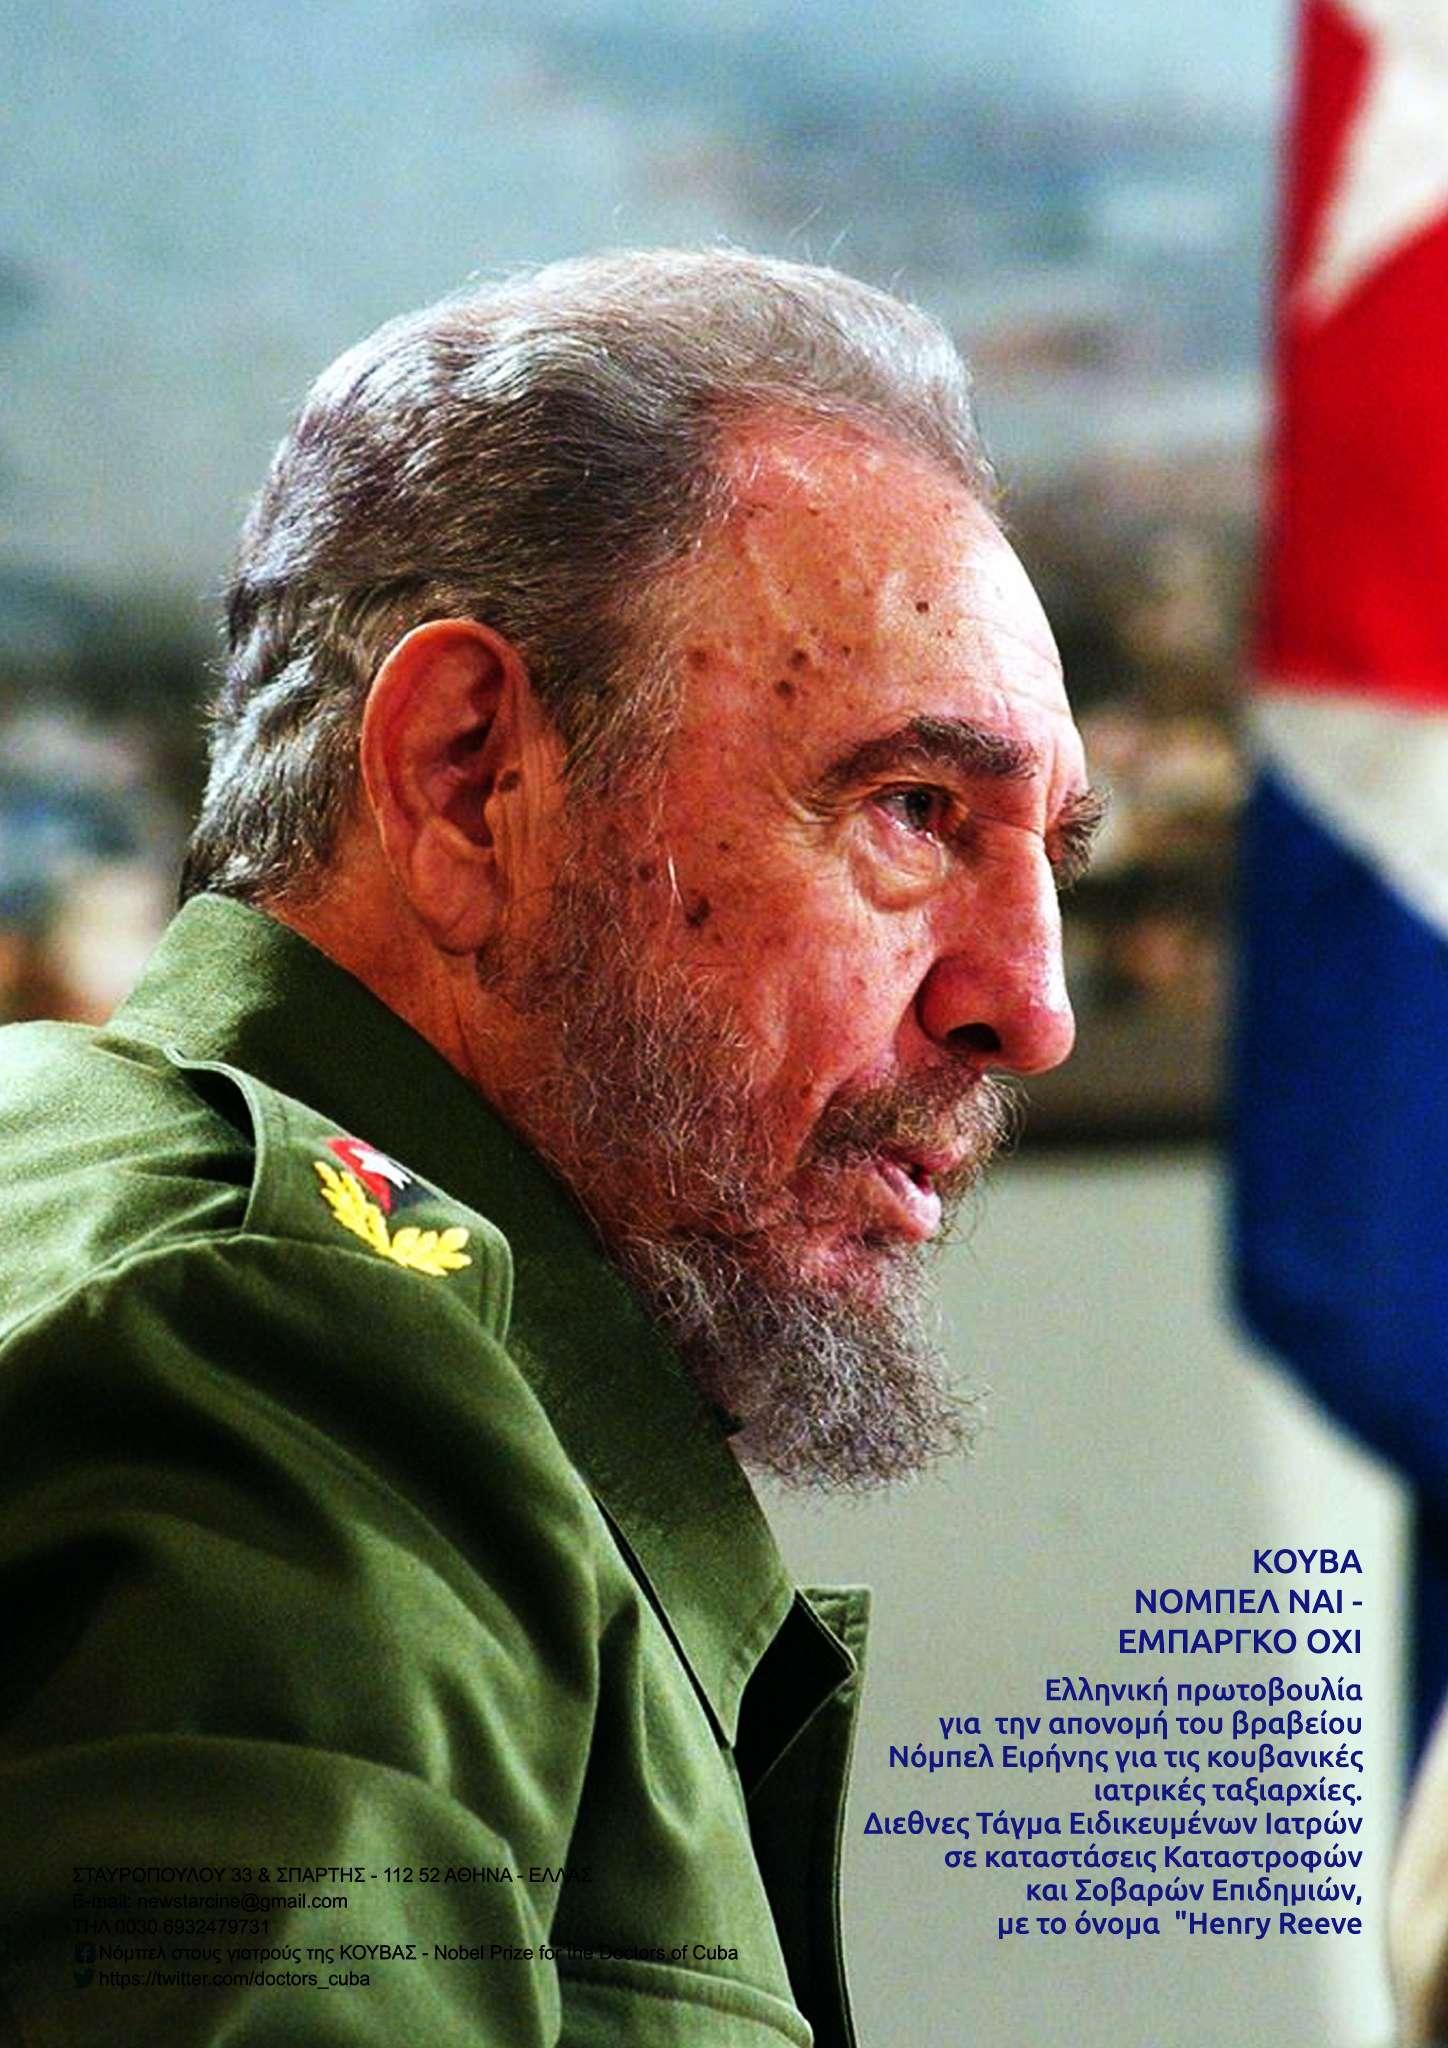 Premio Nobel de la Paz para las brigadas médicas cubanas Henry Reeve 2021 5